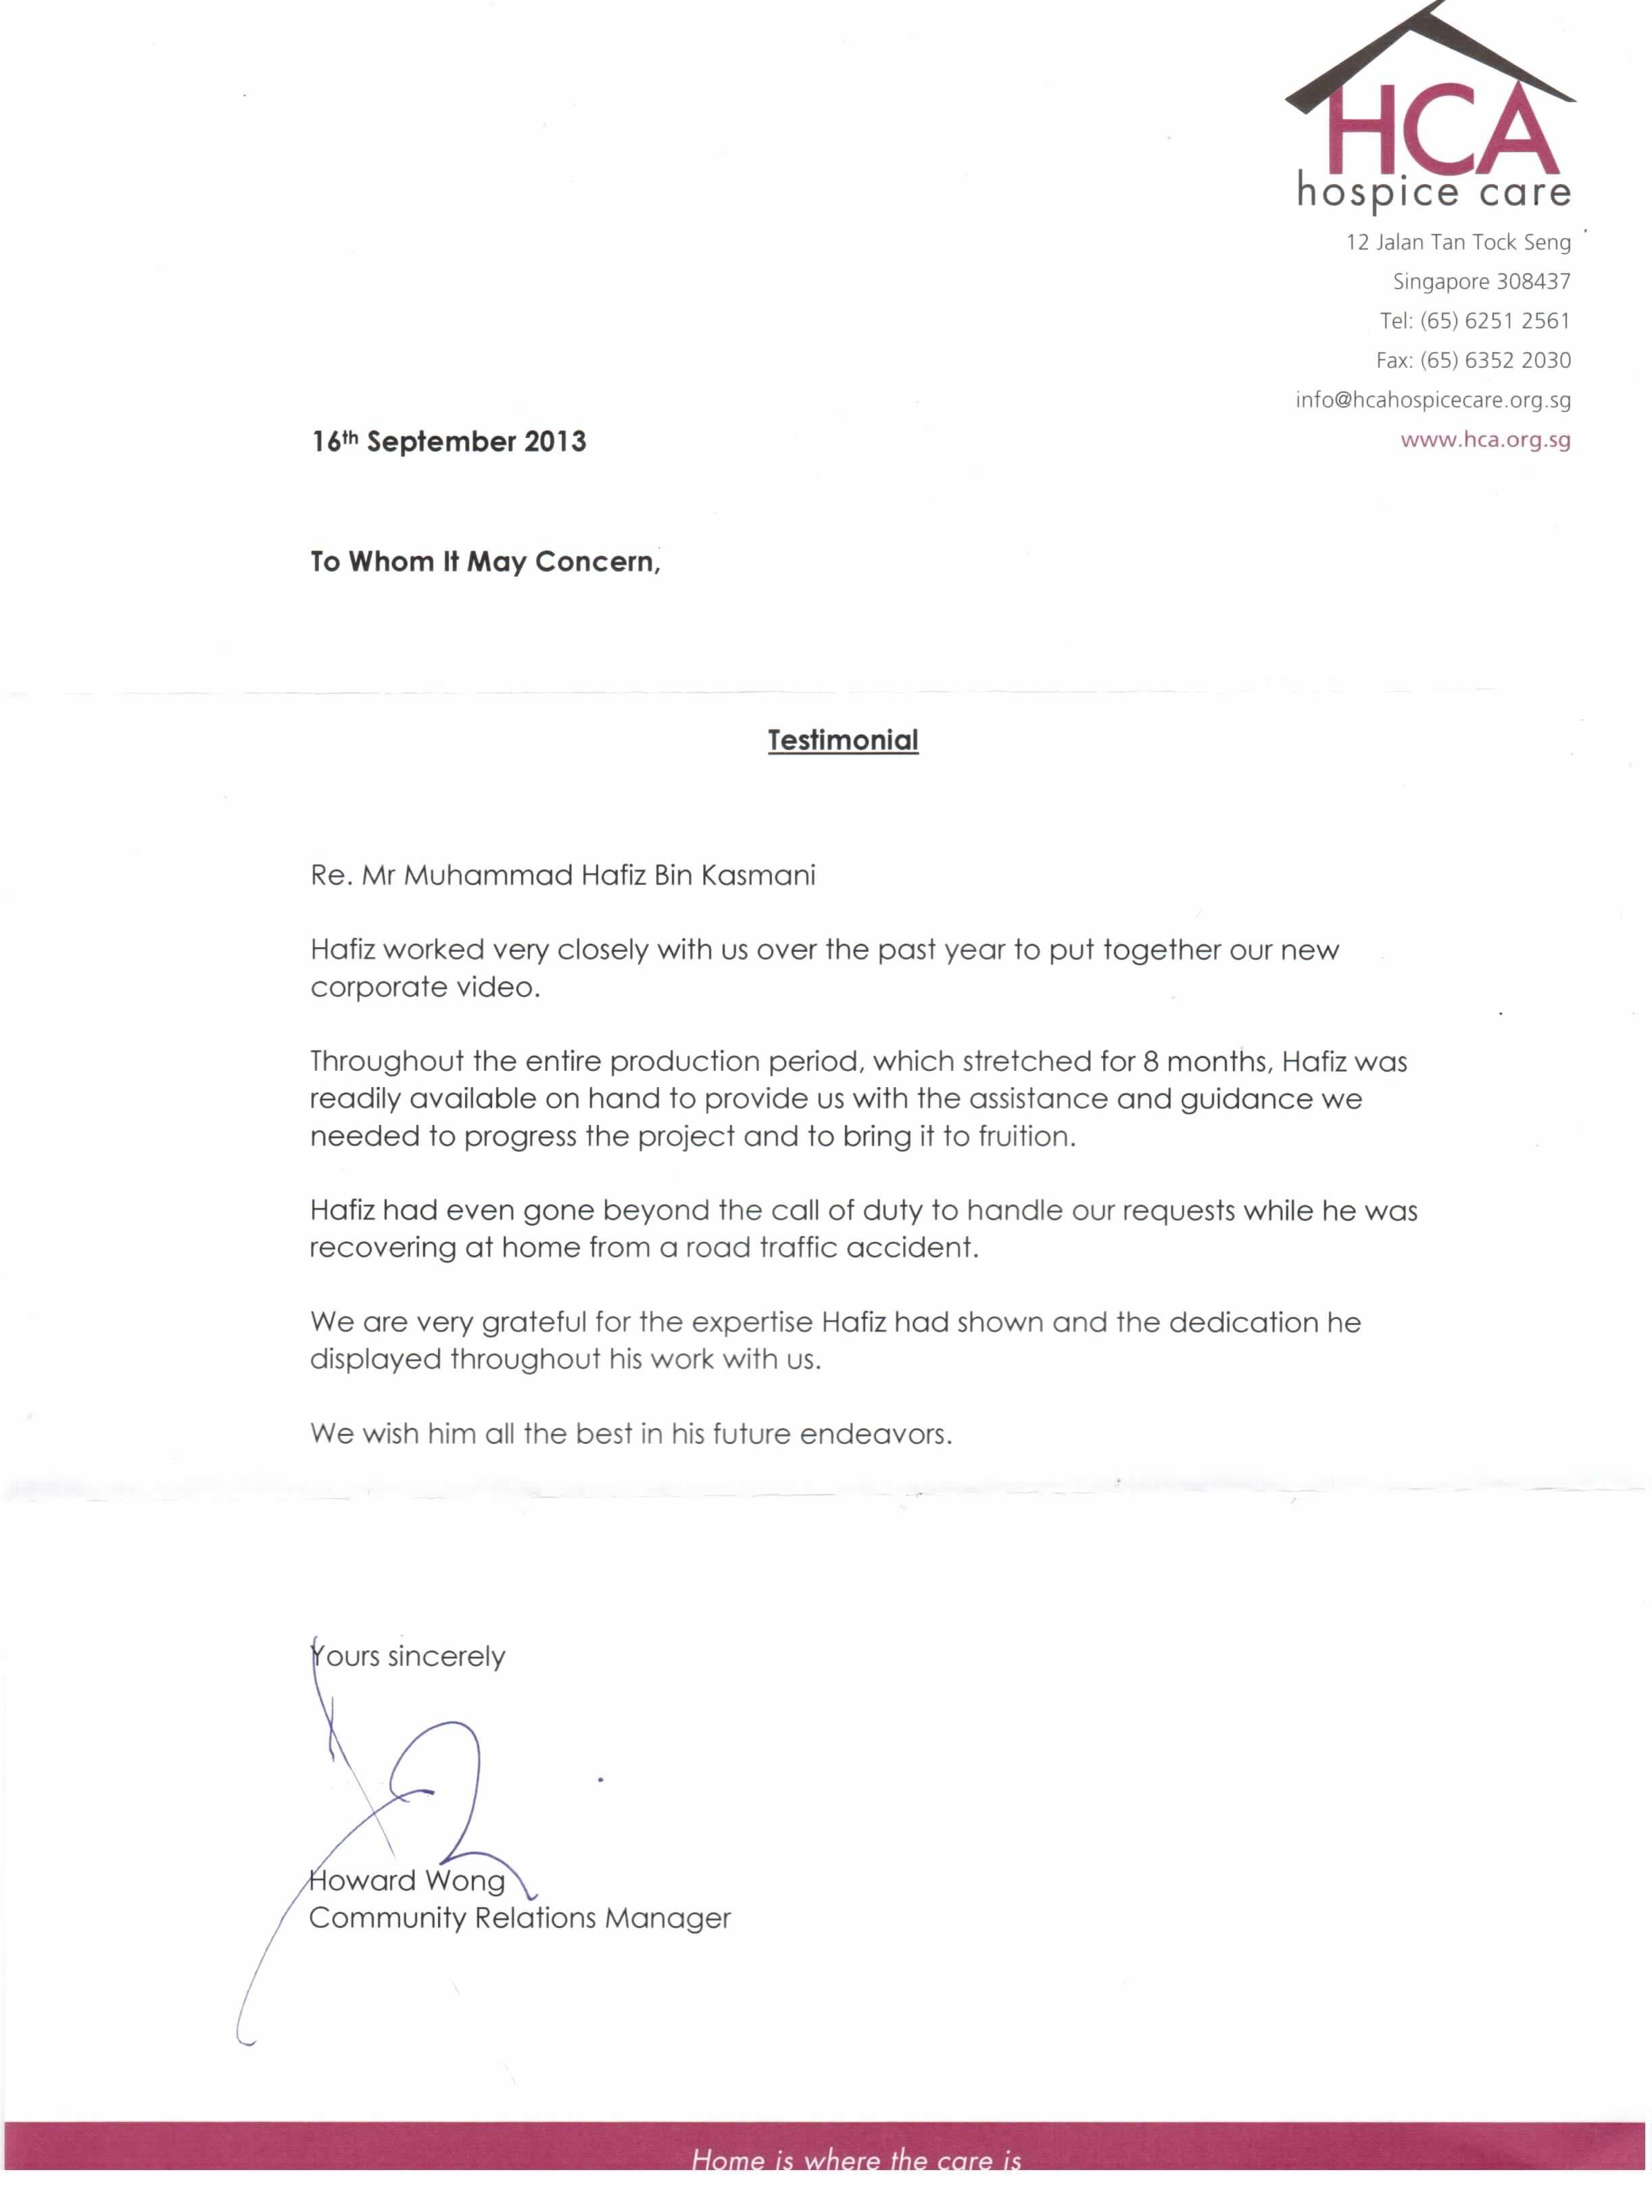 HCA Testimonial